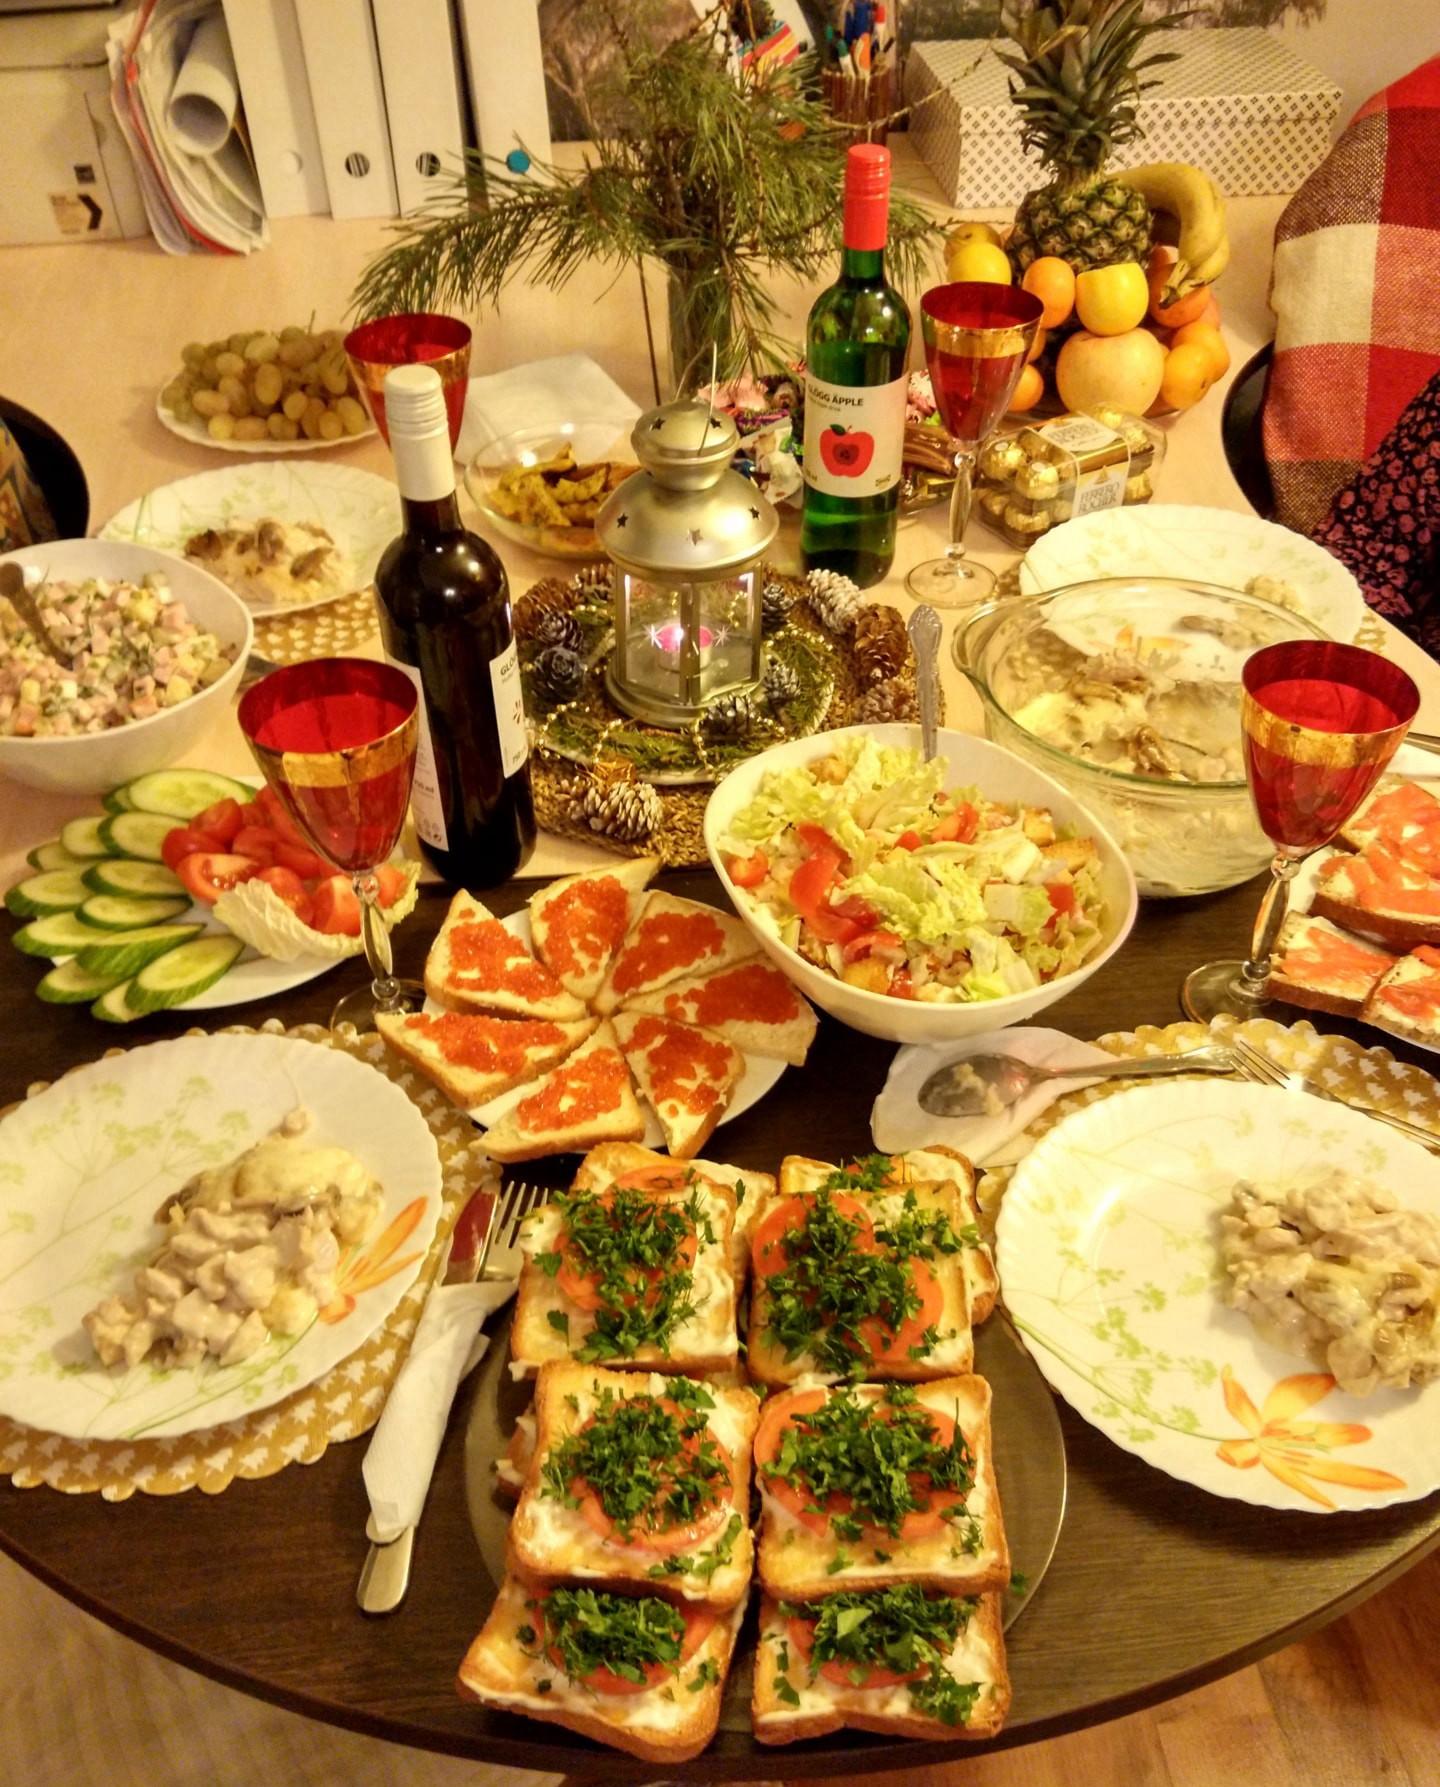 俄罗斯新年晚餐 俄罗斯留学生活 俄罗斯留学 俄罗斯生活